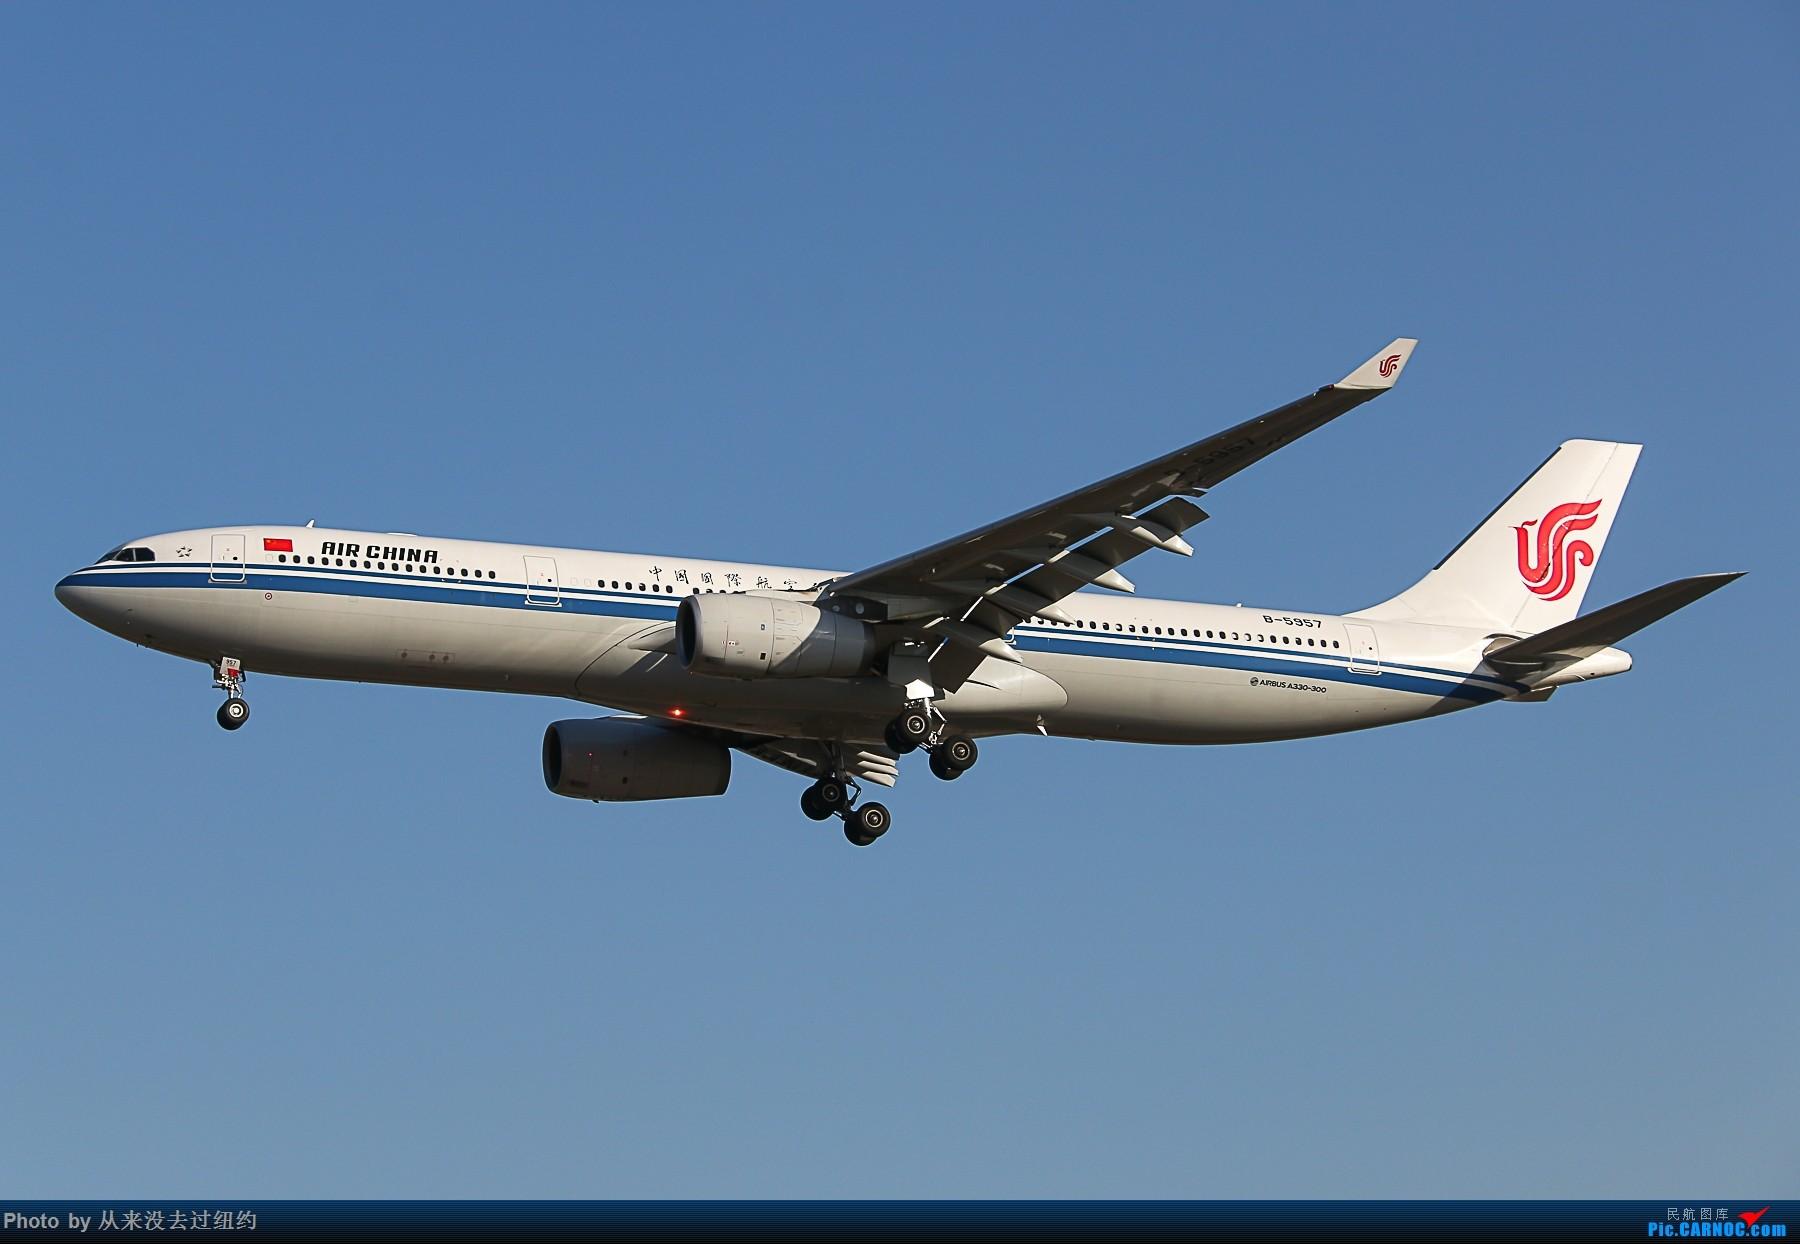 [原创]Air China 330-300 AIRBUS A330-200 B-5957 中国北京首都国际机场